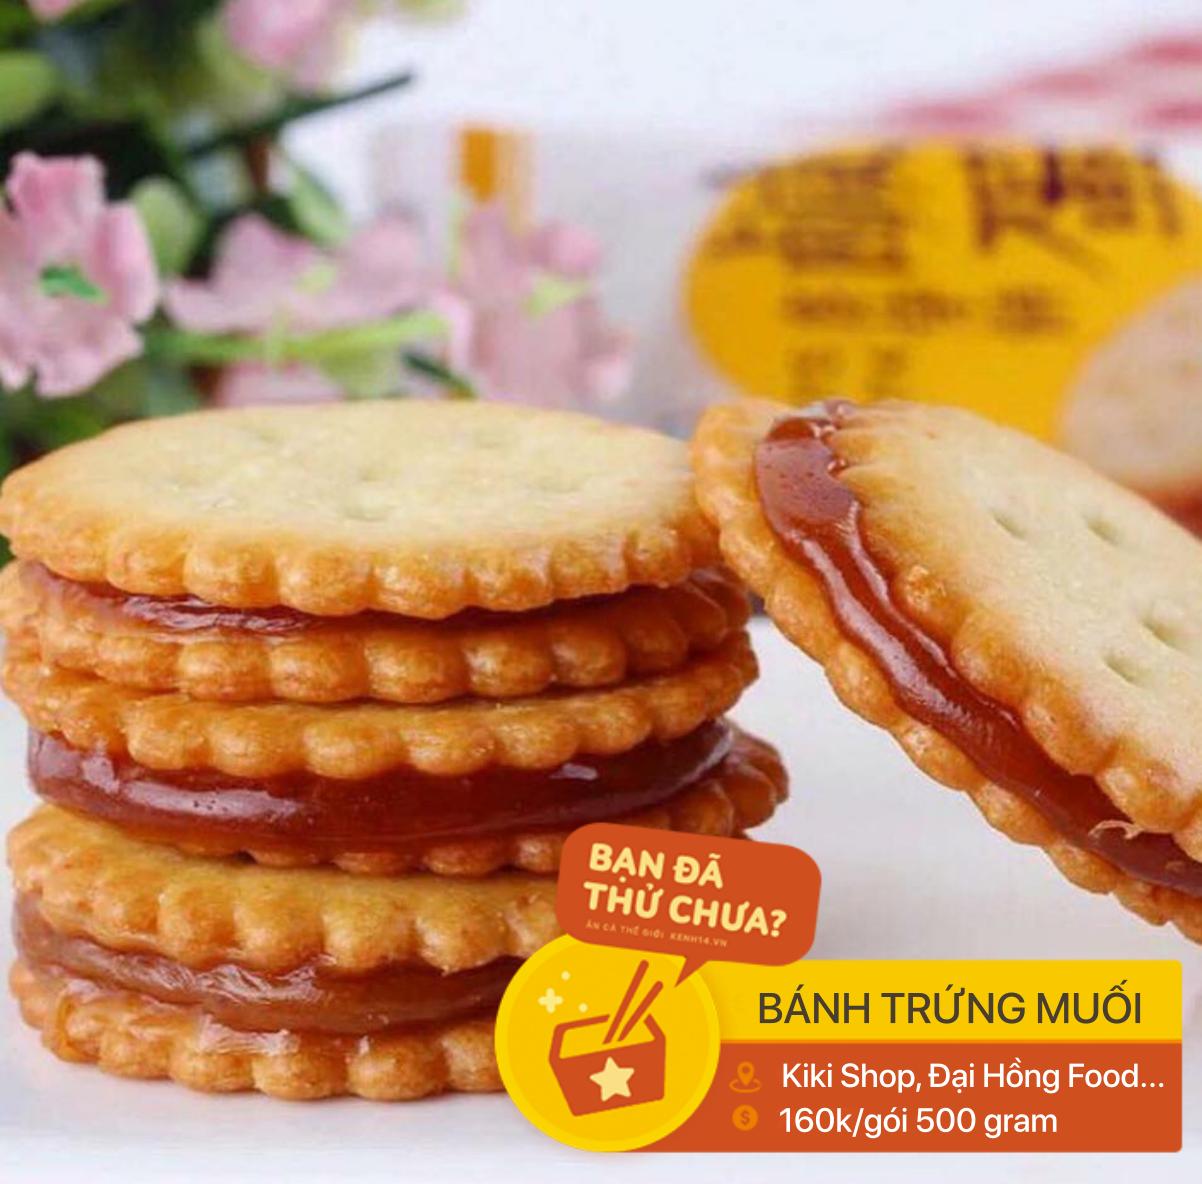 Tổng hợp những món bánh ngọt ăn vặt Đài Loan đốn tim giới trẻ và nơi tìm ra chúng ở Sài Gòn - Ảnh 6.